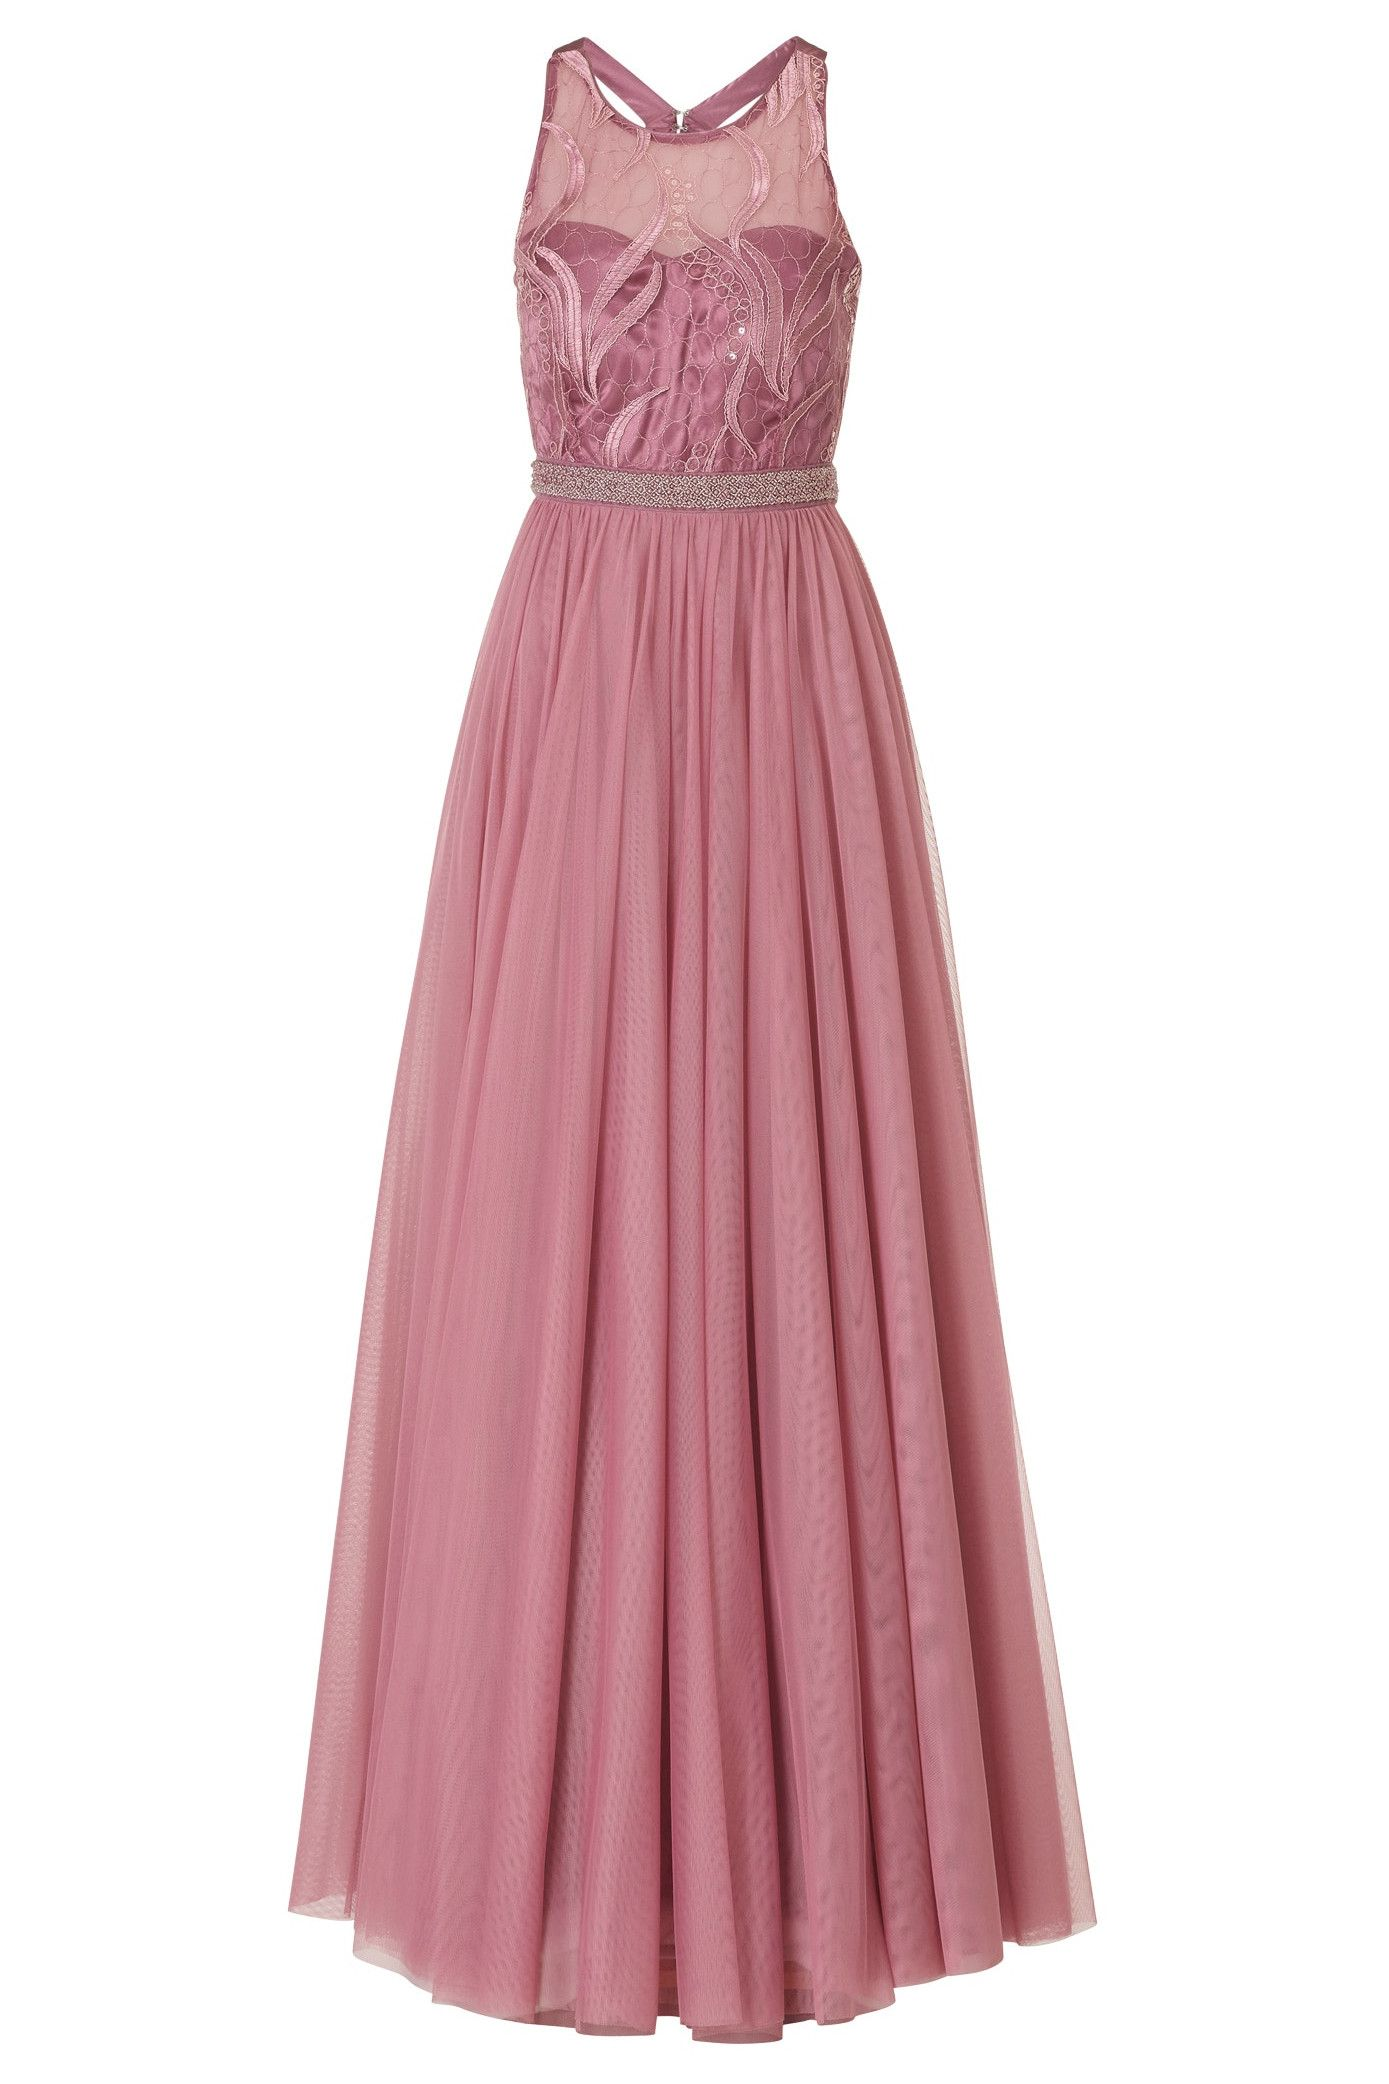 Brautjungfernkleid In Altrosa Mit Bildern Abendkleid Brautjungfern Kleider Ruckenfreies Kleid